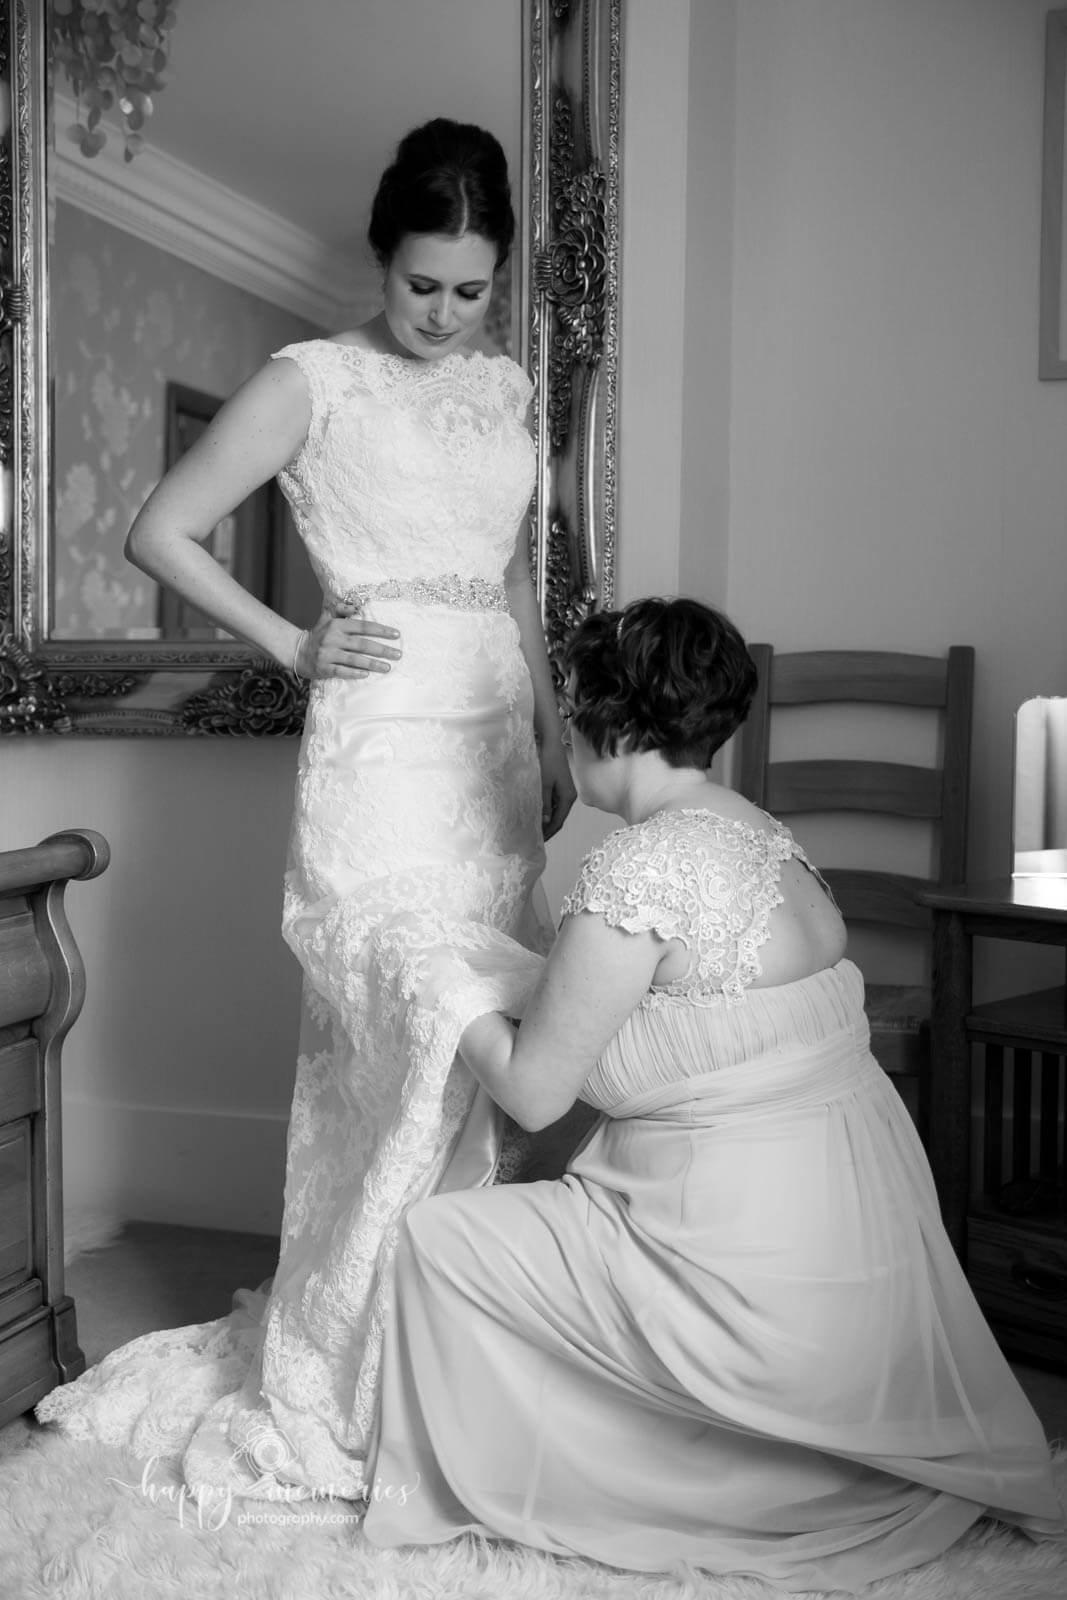 Wedding photographer Crawley-17